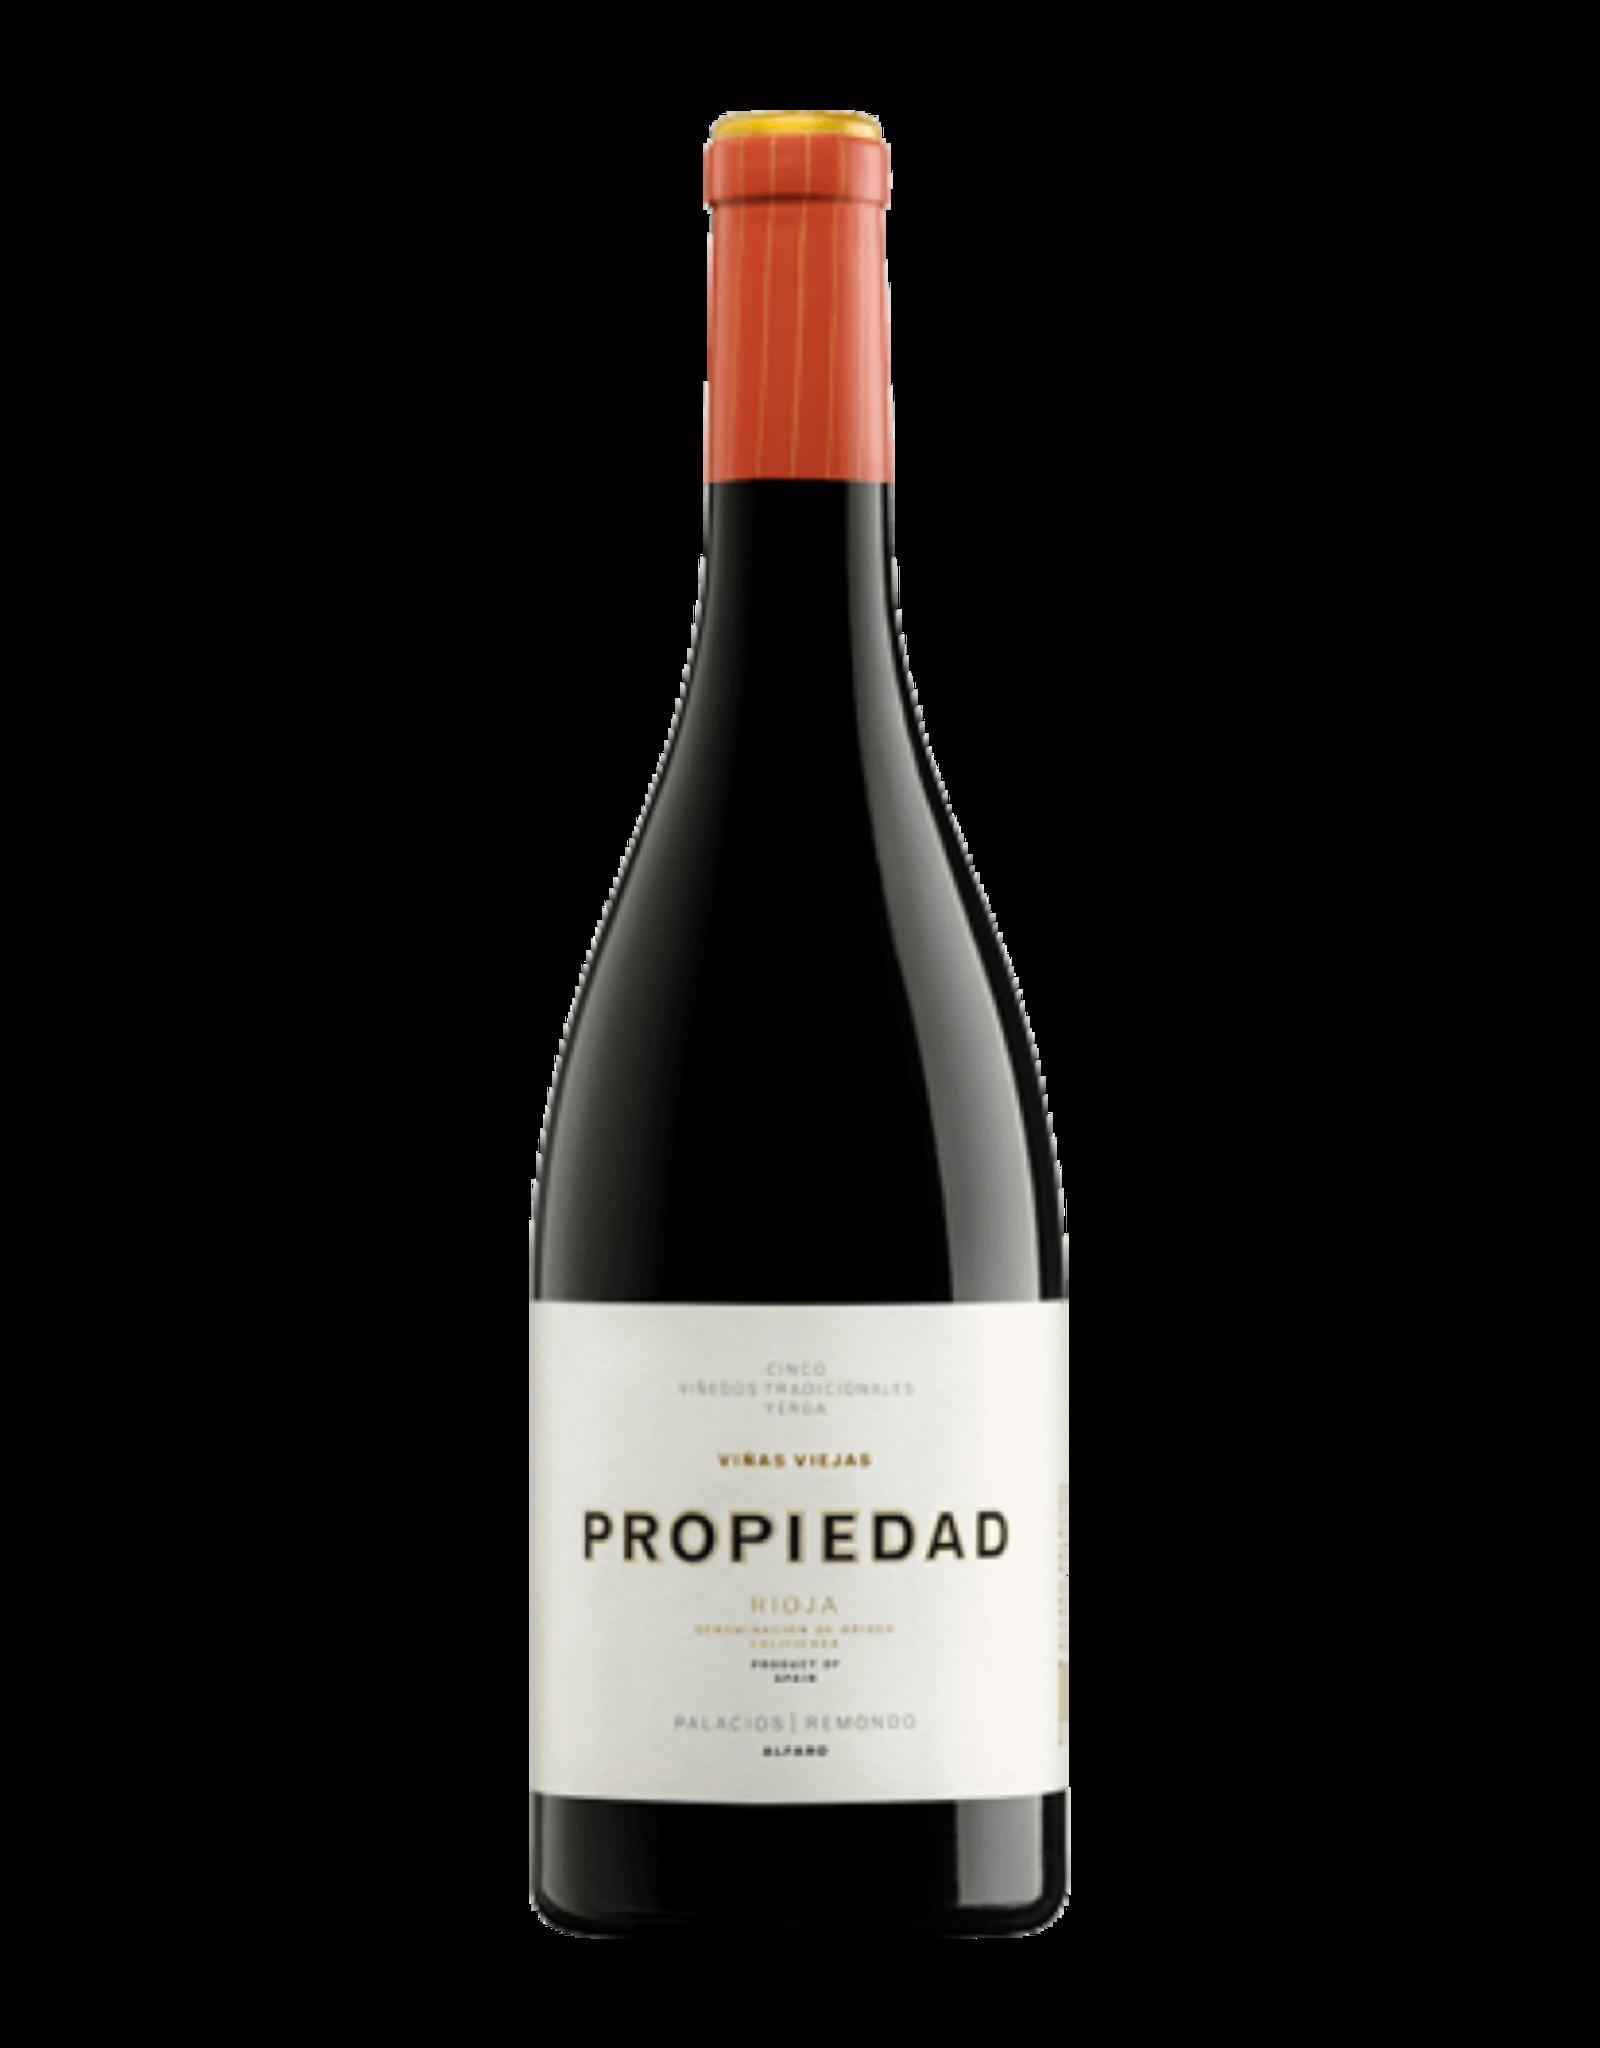 2015 Propiedad Rioja